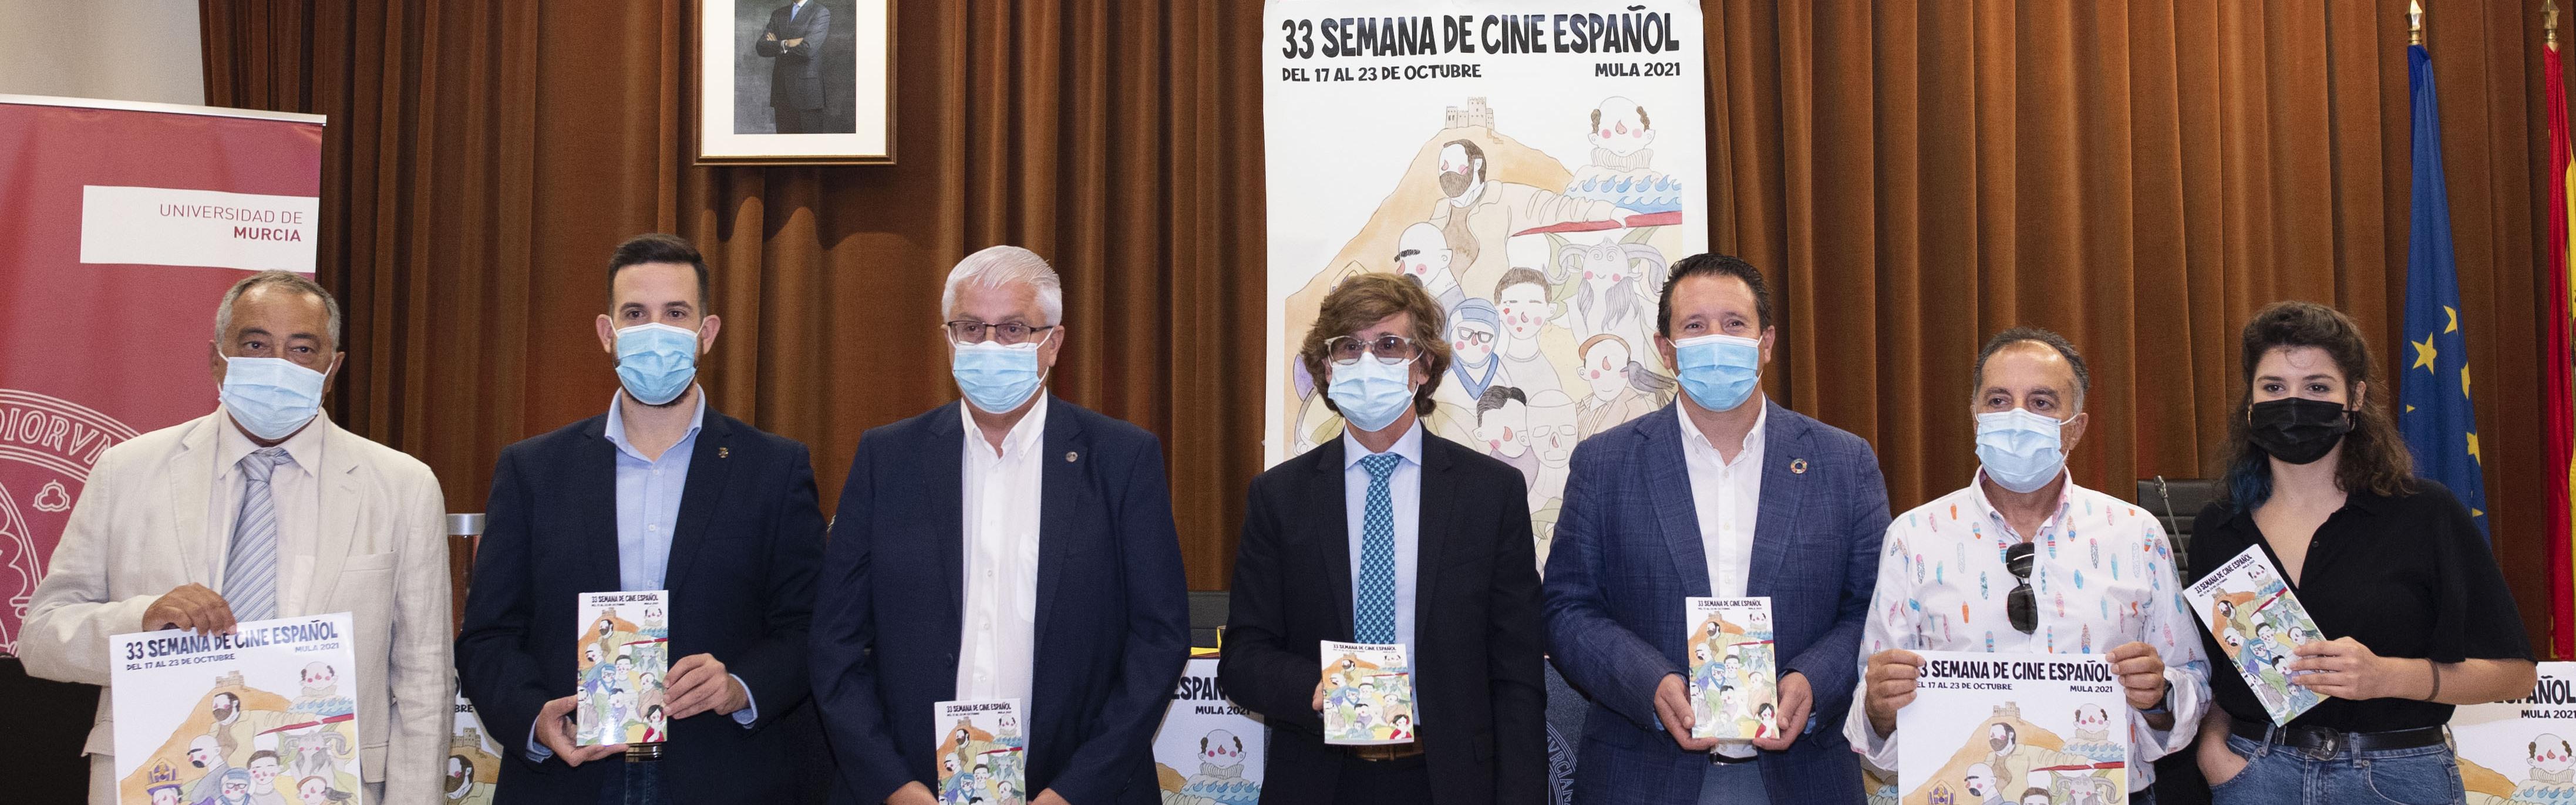 Comienza la Semana de Cine español de Mula